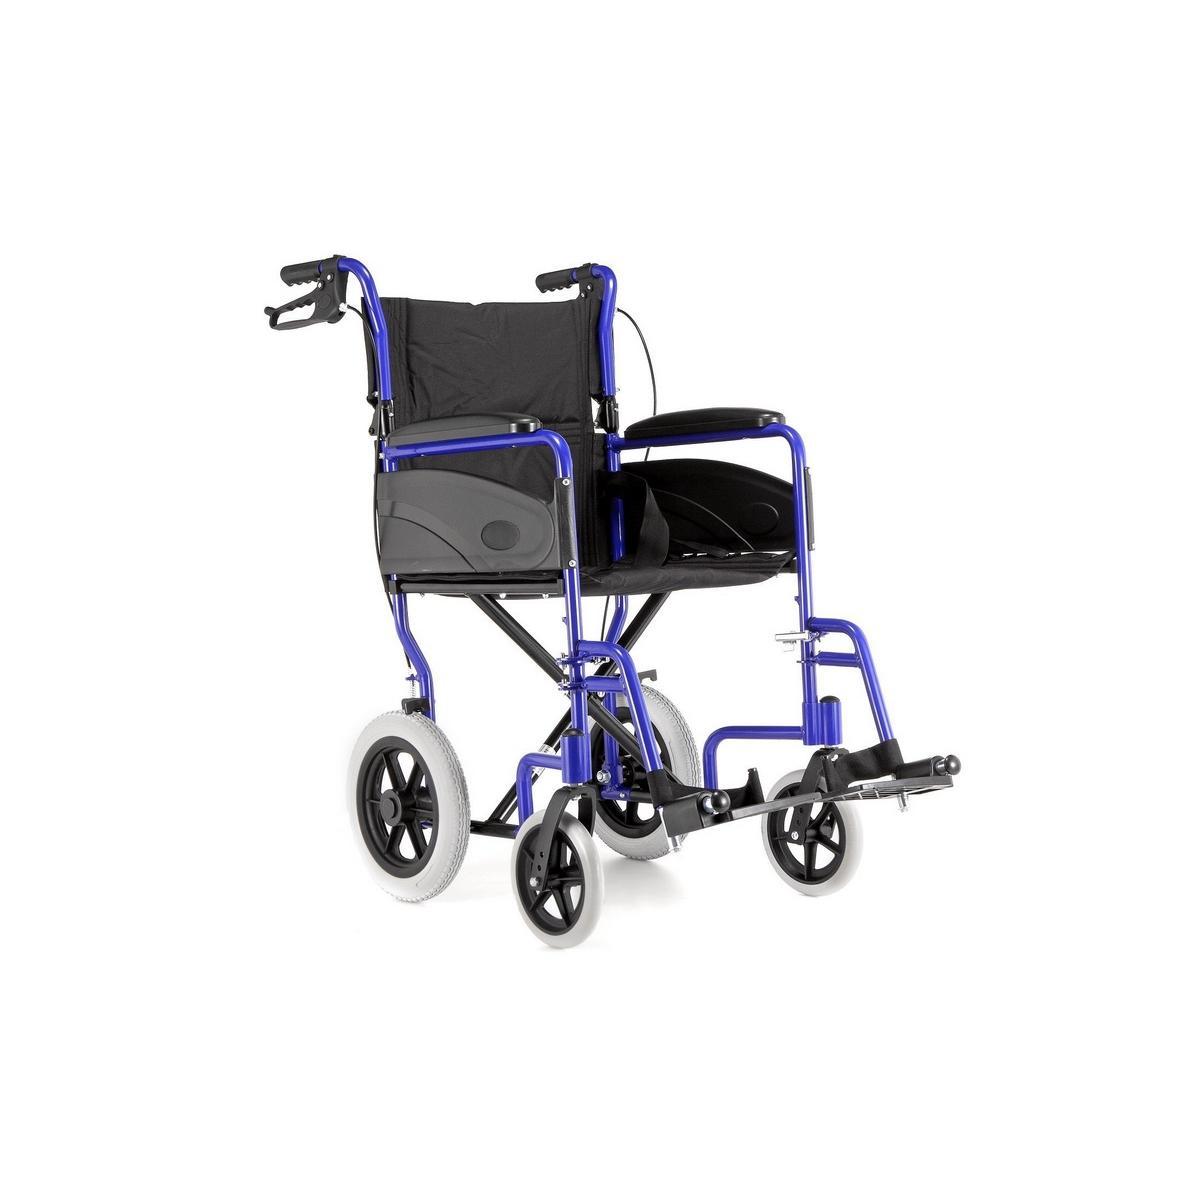 Sedia a rotelle leggerissima: tutte le migliori offerte online